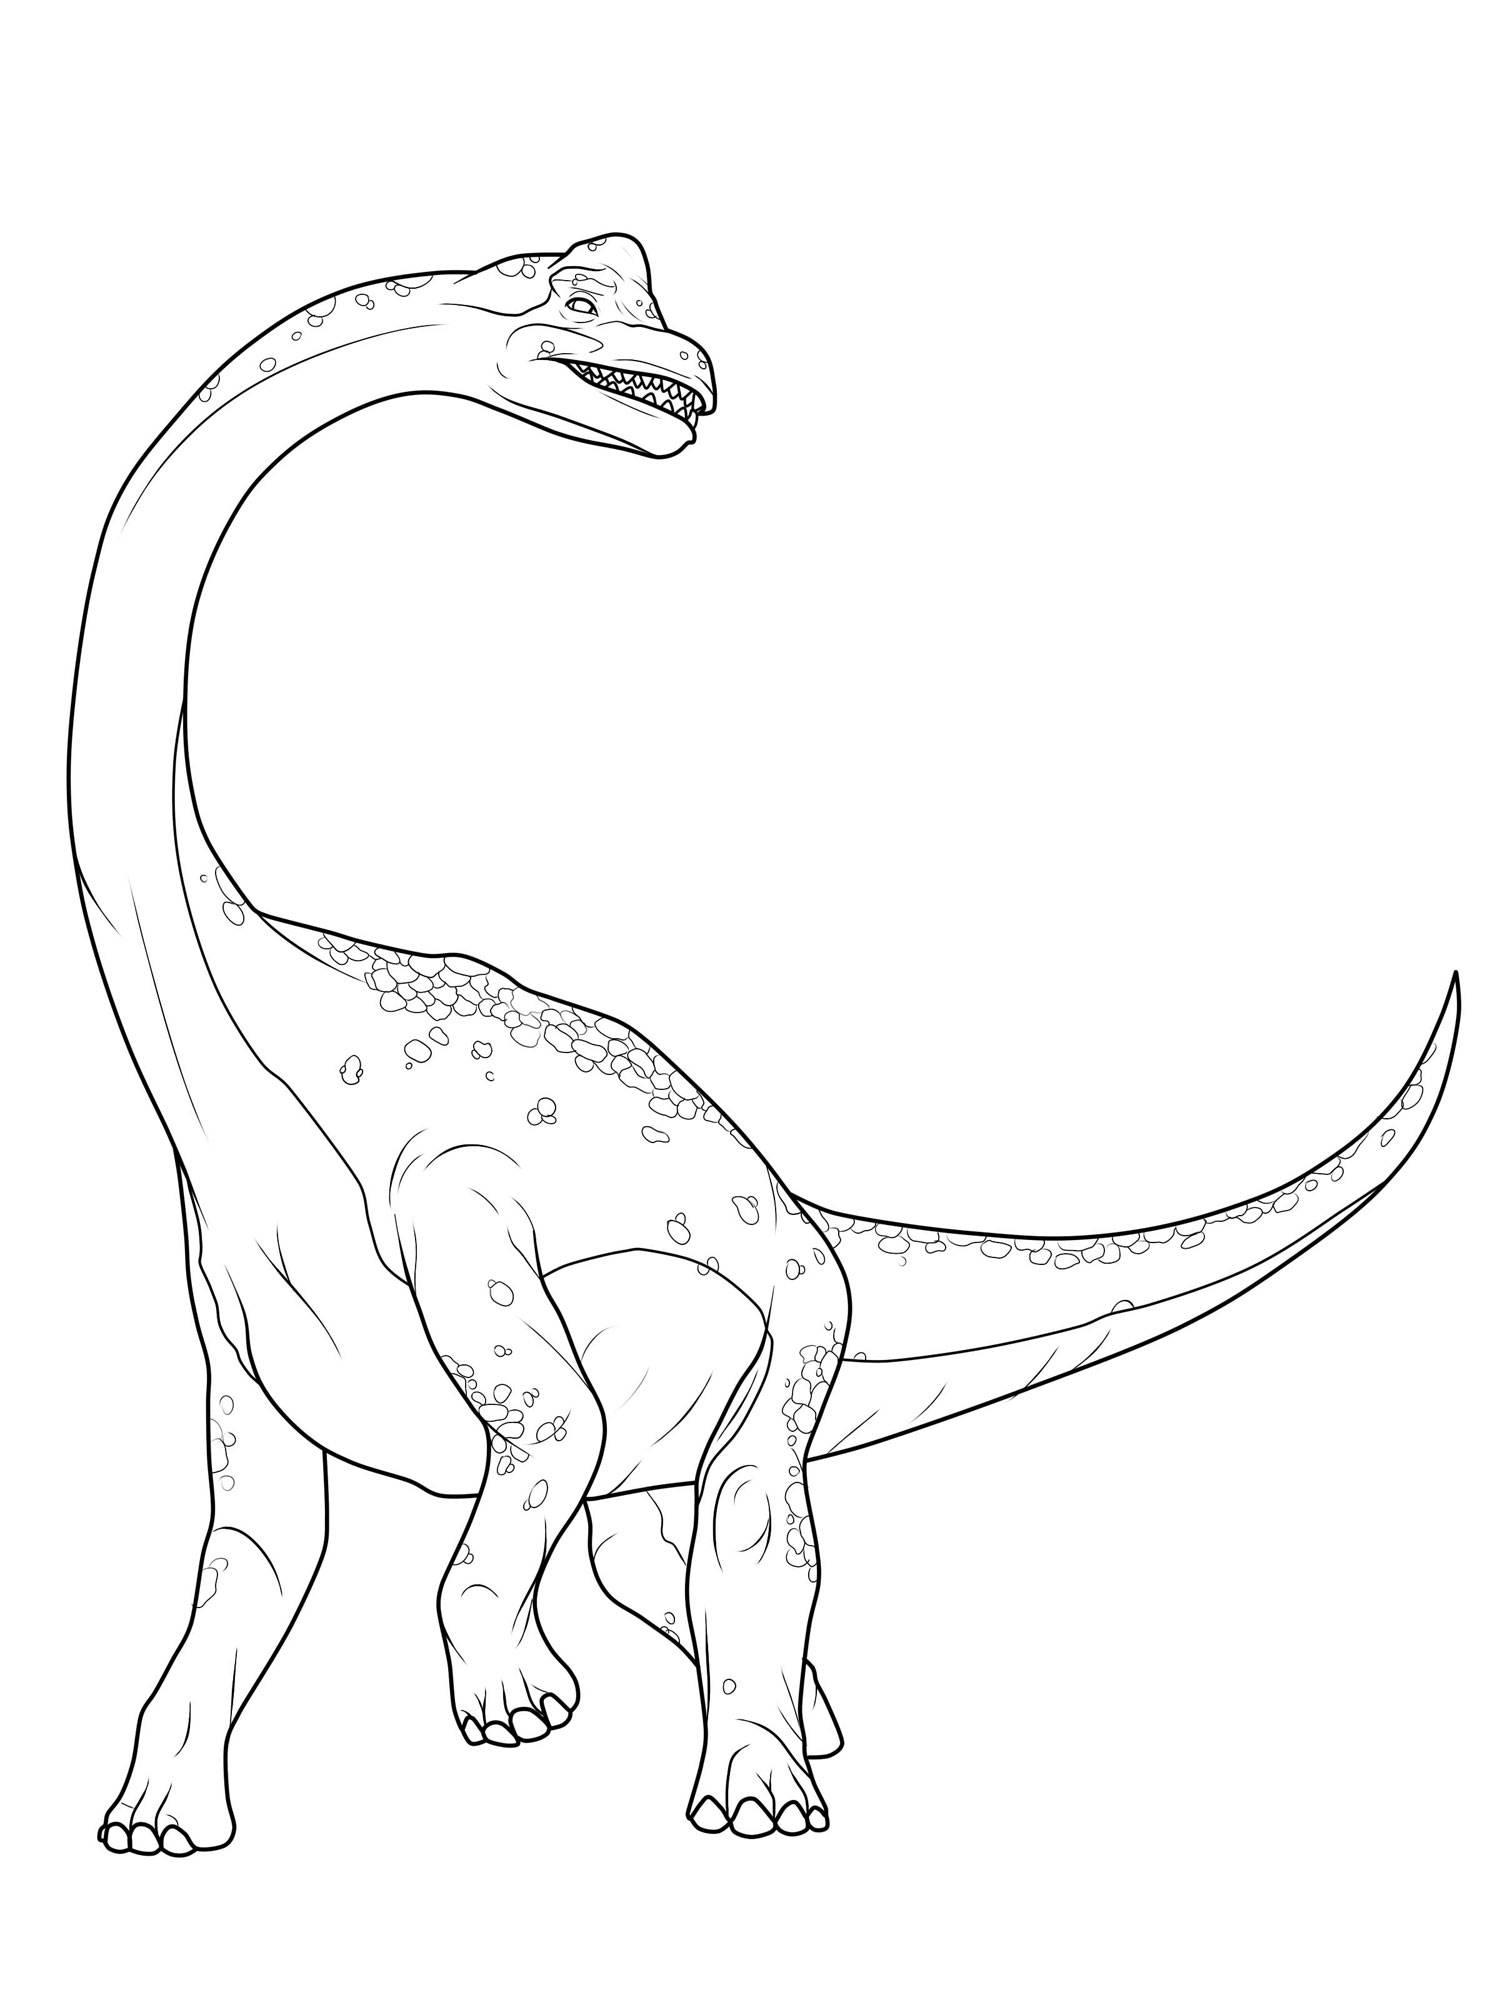 Dinosaurier Ausmalbilder Kostenlos Ausdrucken : Ausmalbild Dinosaurier Und Steinzeit Dinosaurier Brachiosaurus